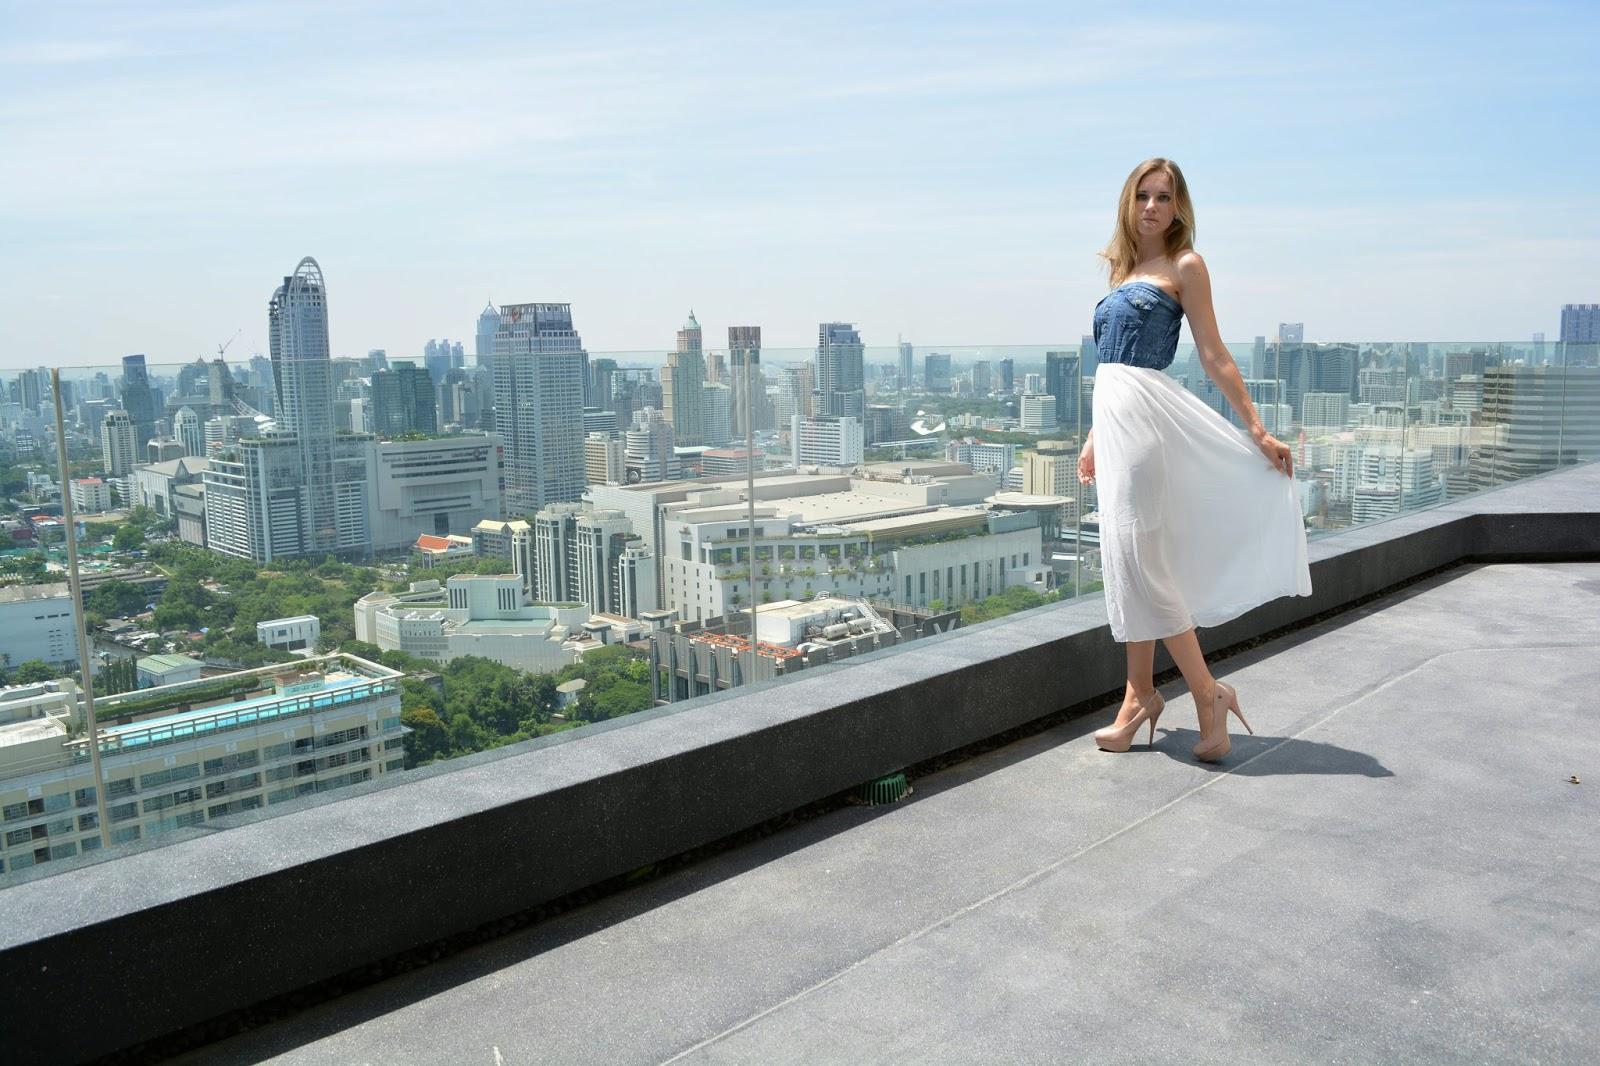 Thajské království, Thajsko, dovolená v Thajsku, Im happy, I'm happy, šťastná štěstí, veselá, šťastný život, Thajsko na vlastní pěst, thajsko bez cestovky, letenky do thajska, kam v Bangkoku, ubytování v Bangkoku, nákupy v bangkoku, modelka, modelka na střeše, mrakodrap, fashionhouse, fashion house, fashion house blog, šaty, dlouhé šaty, džínsové šaty, džínové šaty, jeansové šaty, letní šaty, výprodej letních šatů, levné šaty, češka žijící v zahraničí, češka žijící v Thajsku, Kristýna Vacková, nejlepší blog, český blog, zajímavý český blog, blog o cestování, blog o thajsku, lifestyle český blog, módní blog, fashion český blog, rooftop, kam v thajsku, průvodce po thajsku, plavky, levné plavky, bandeau plavky, bikiny, výprodej plavek, modelka na střeše